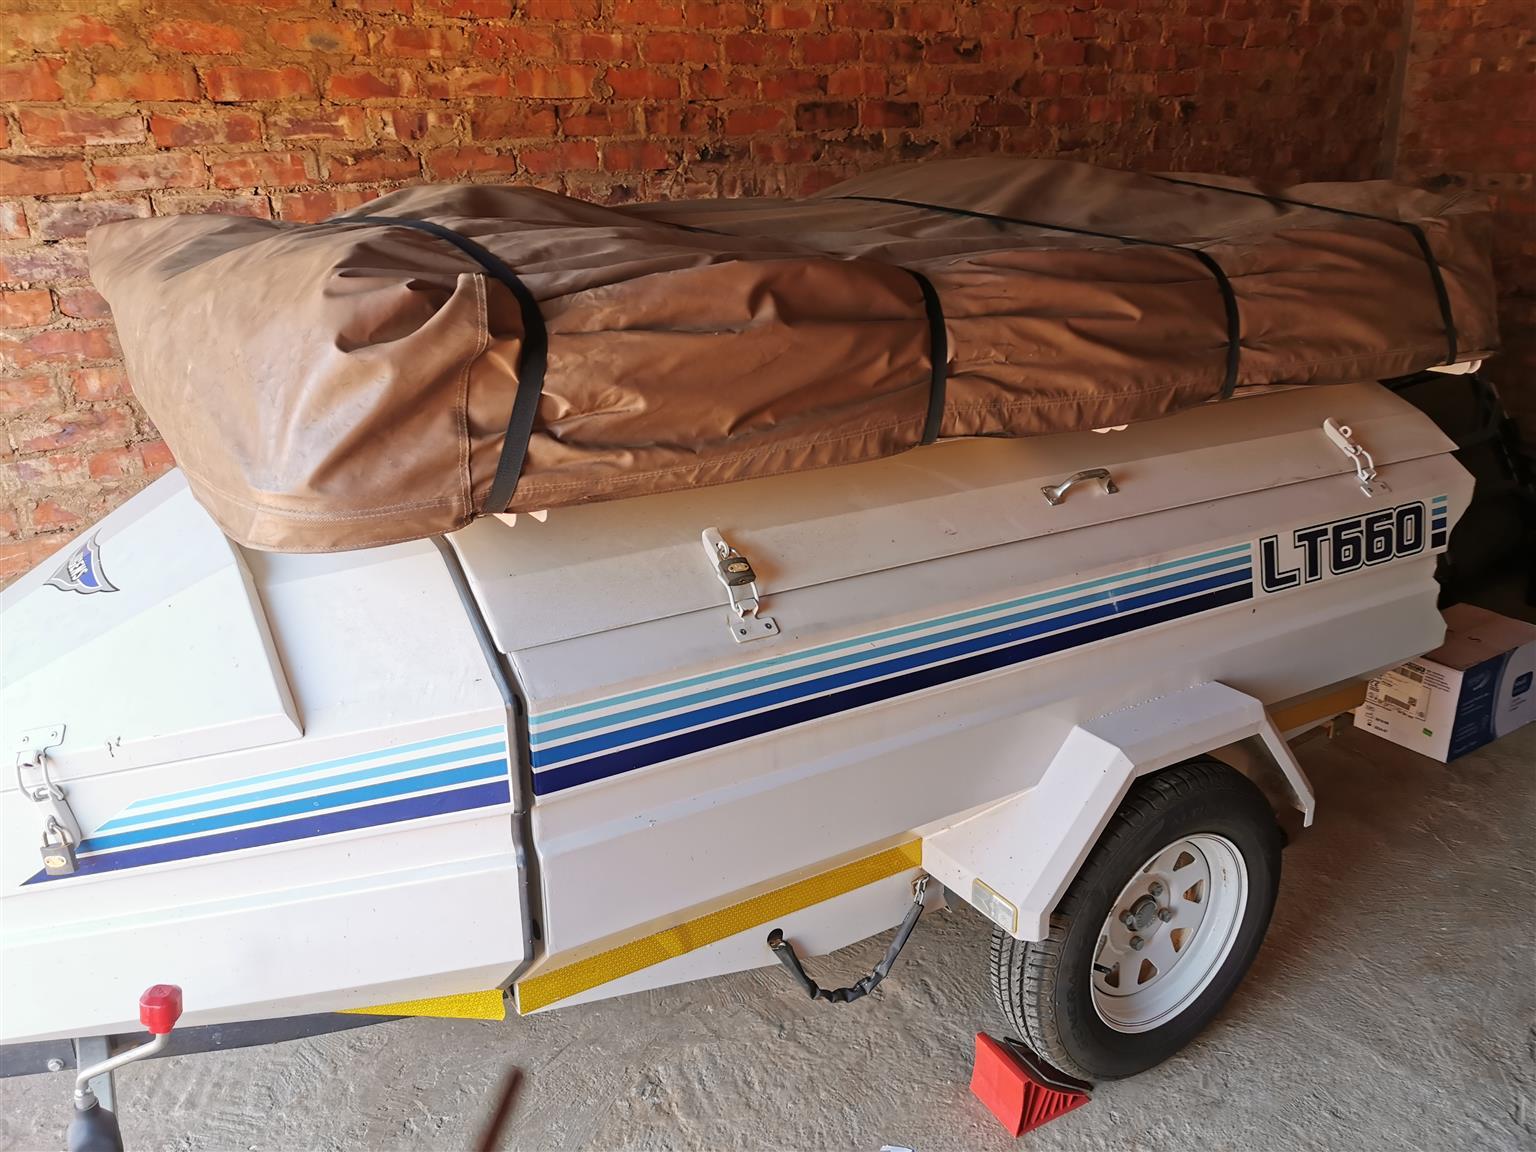 2016 Jurgens Lt660 camping trailer